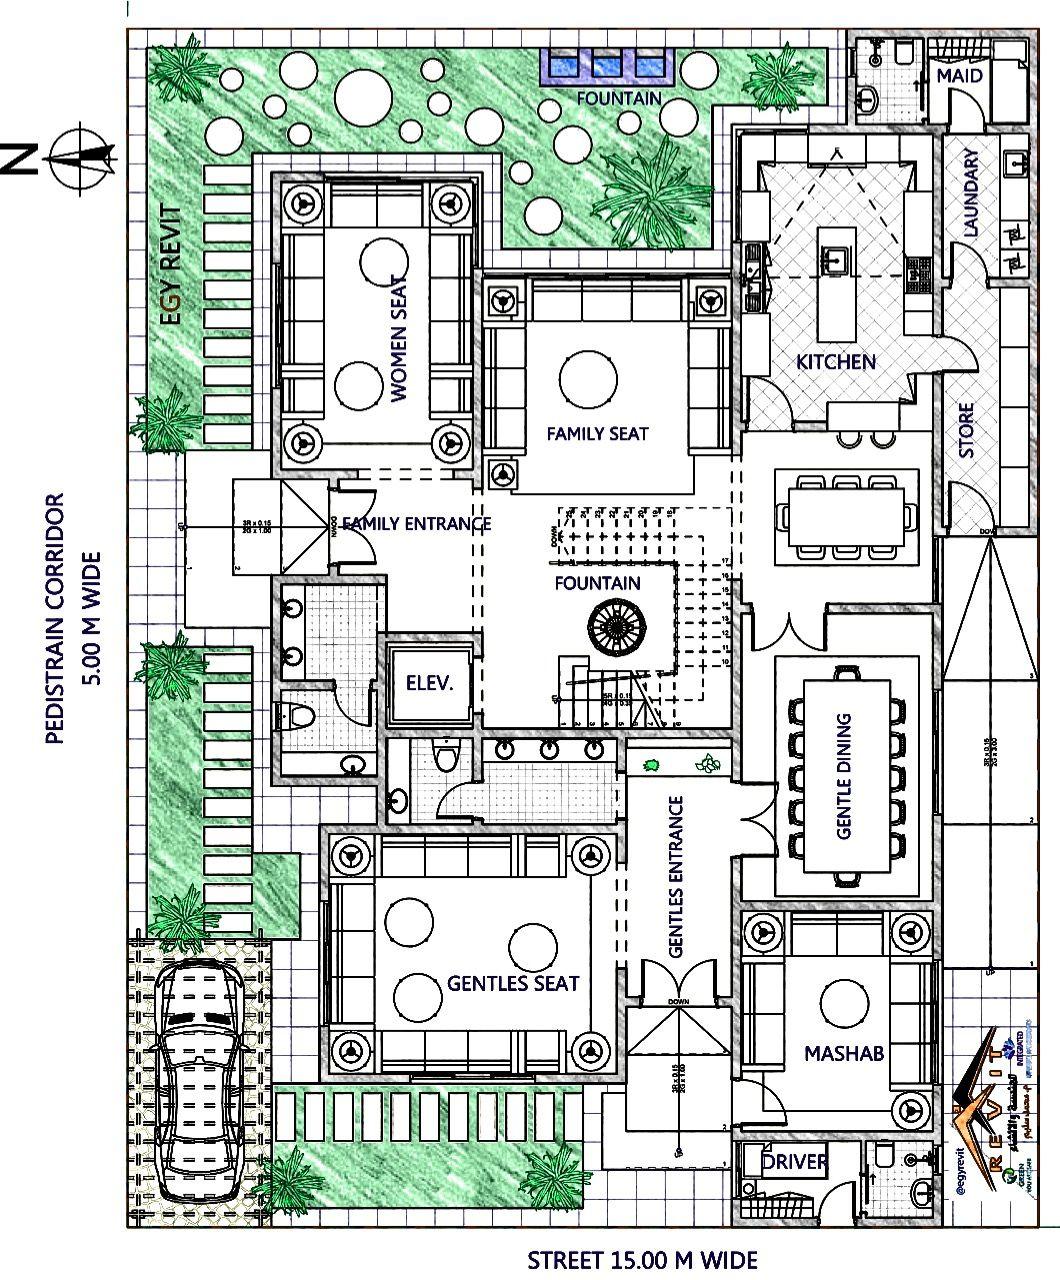 تصميم فيلا سكنية نيو كلاسيك مسقط أفقي للدور من تصميم ايجي ريفيت Classic House Exterior New House Plans Classic House Design